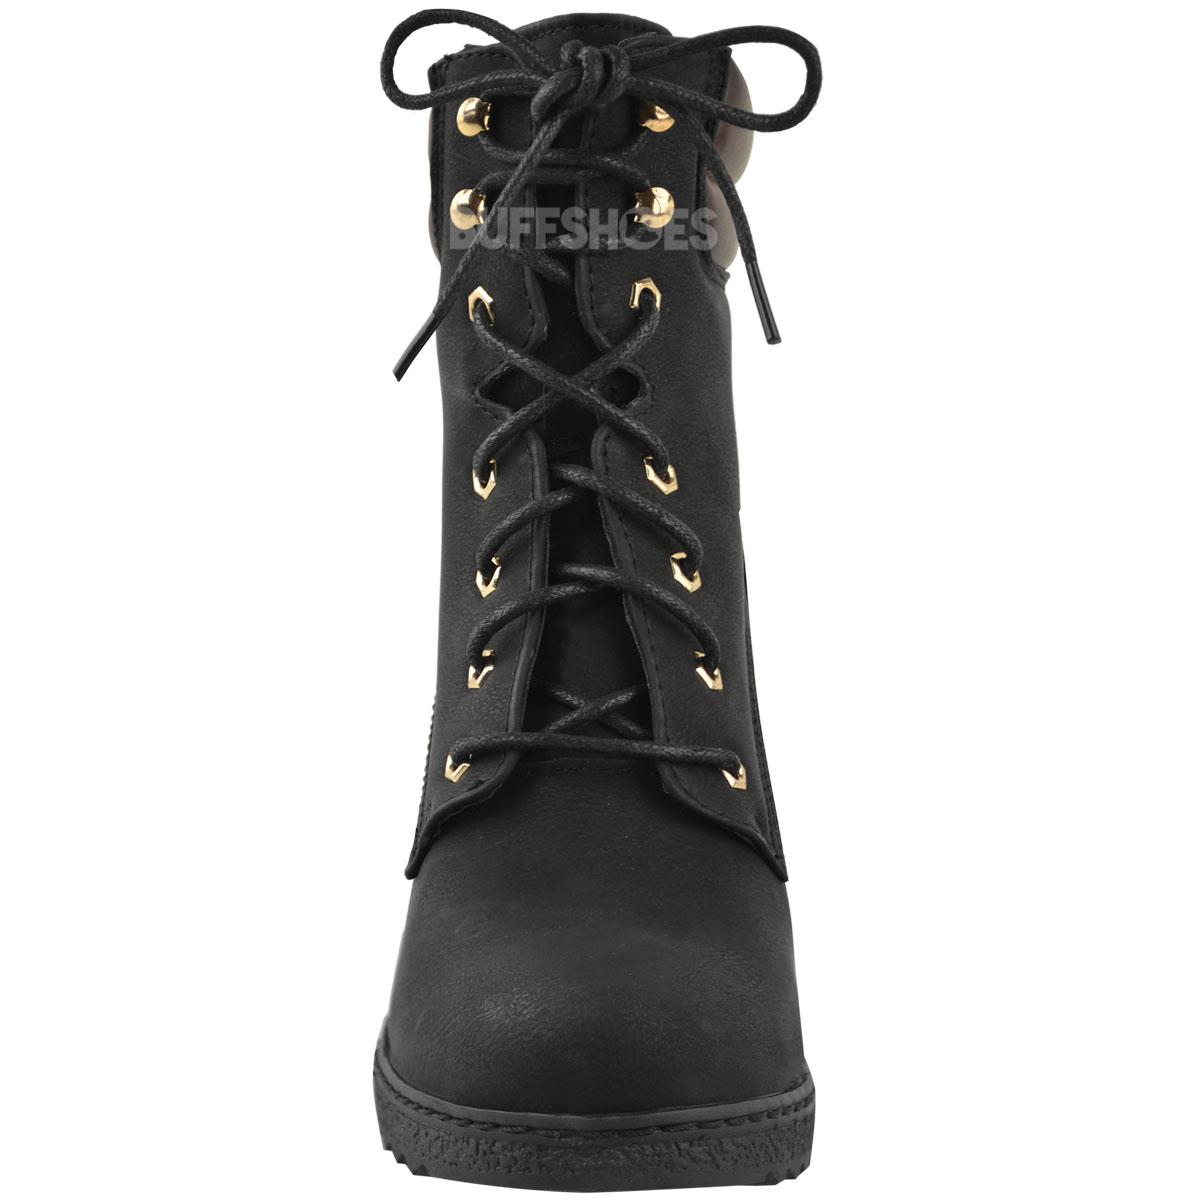 Womens-Ladies-Winter-Walking-Boots-Fleece-Warm-Lining-Cosy-Low-Block-Heel-Size Indexbild 6